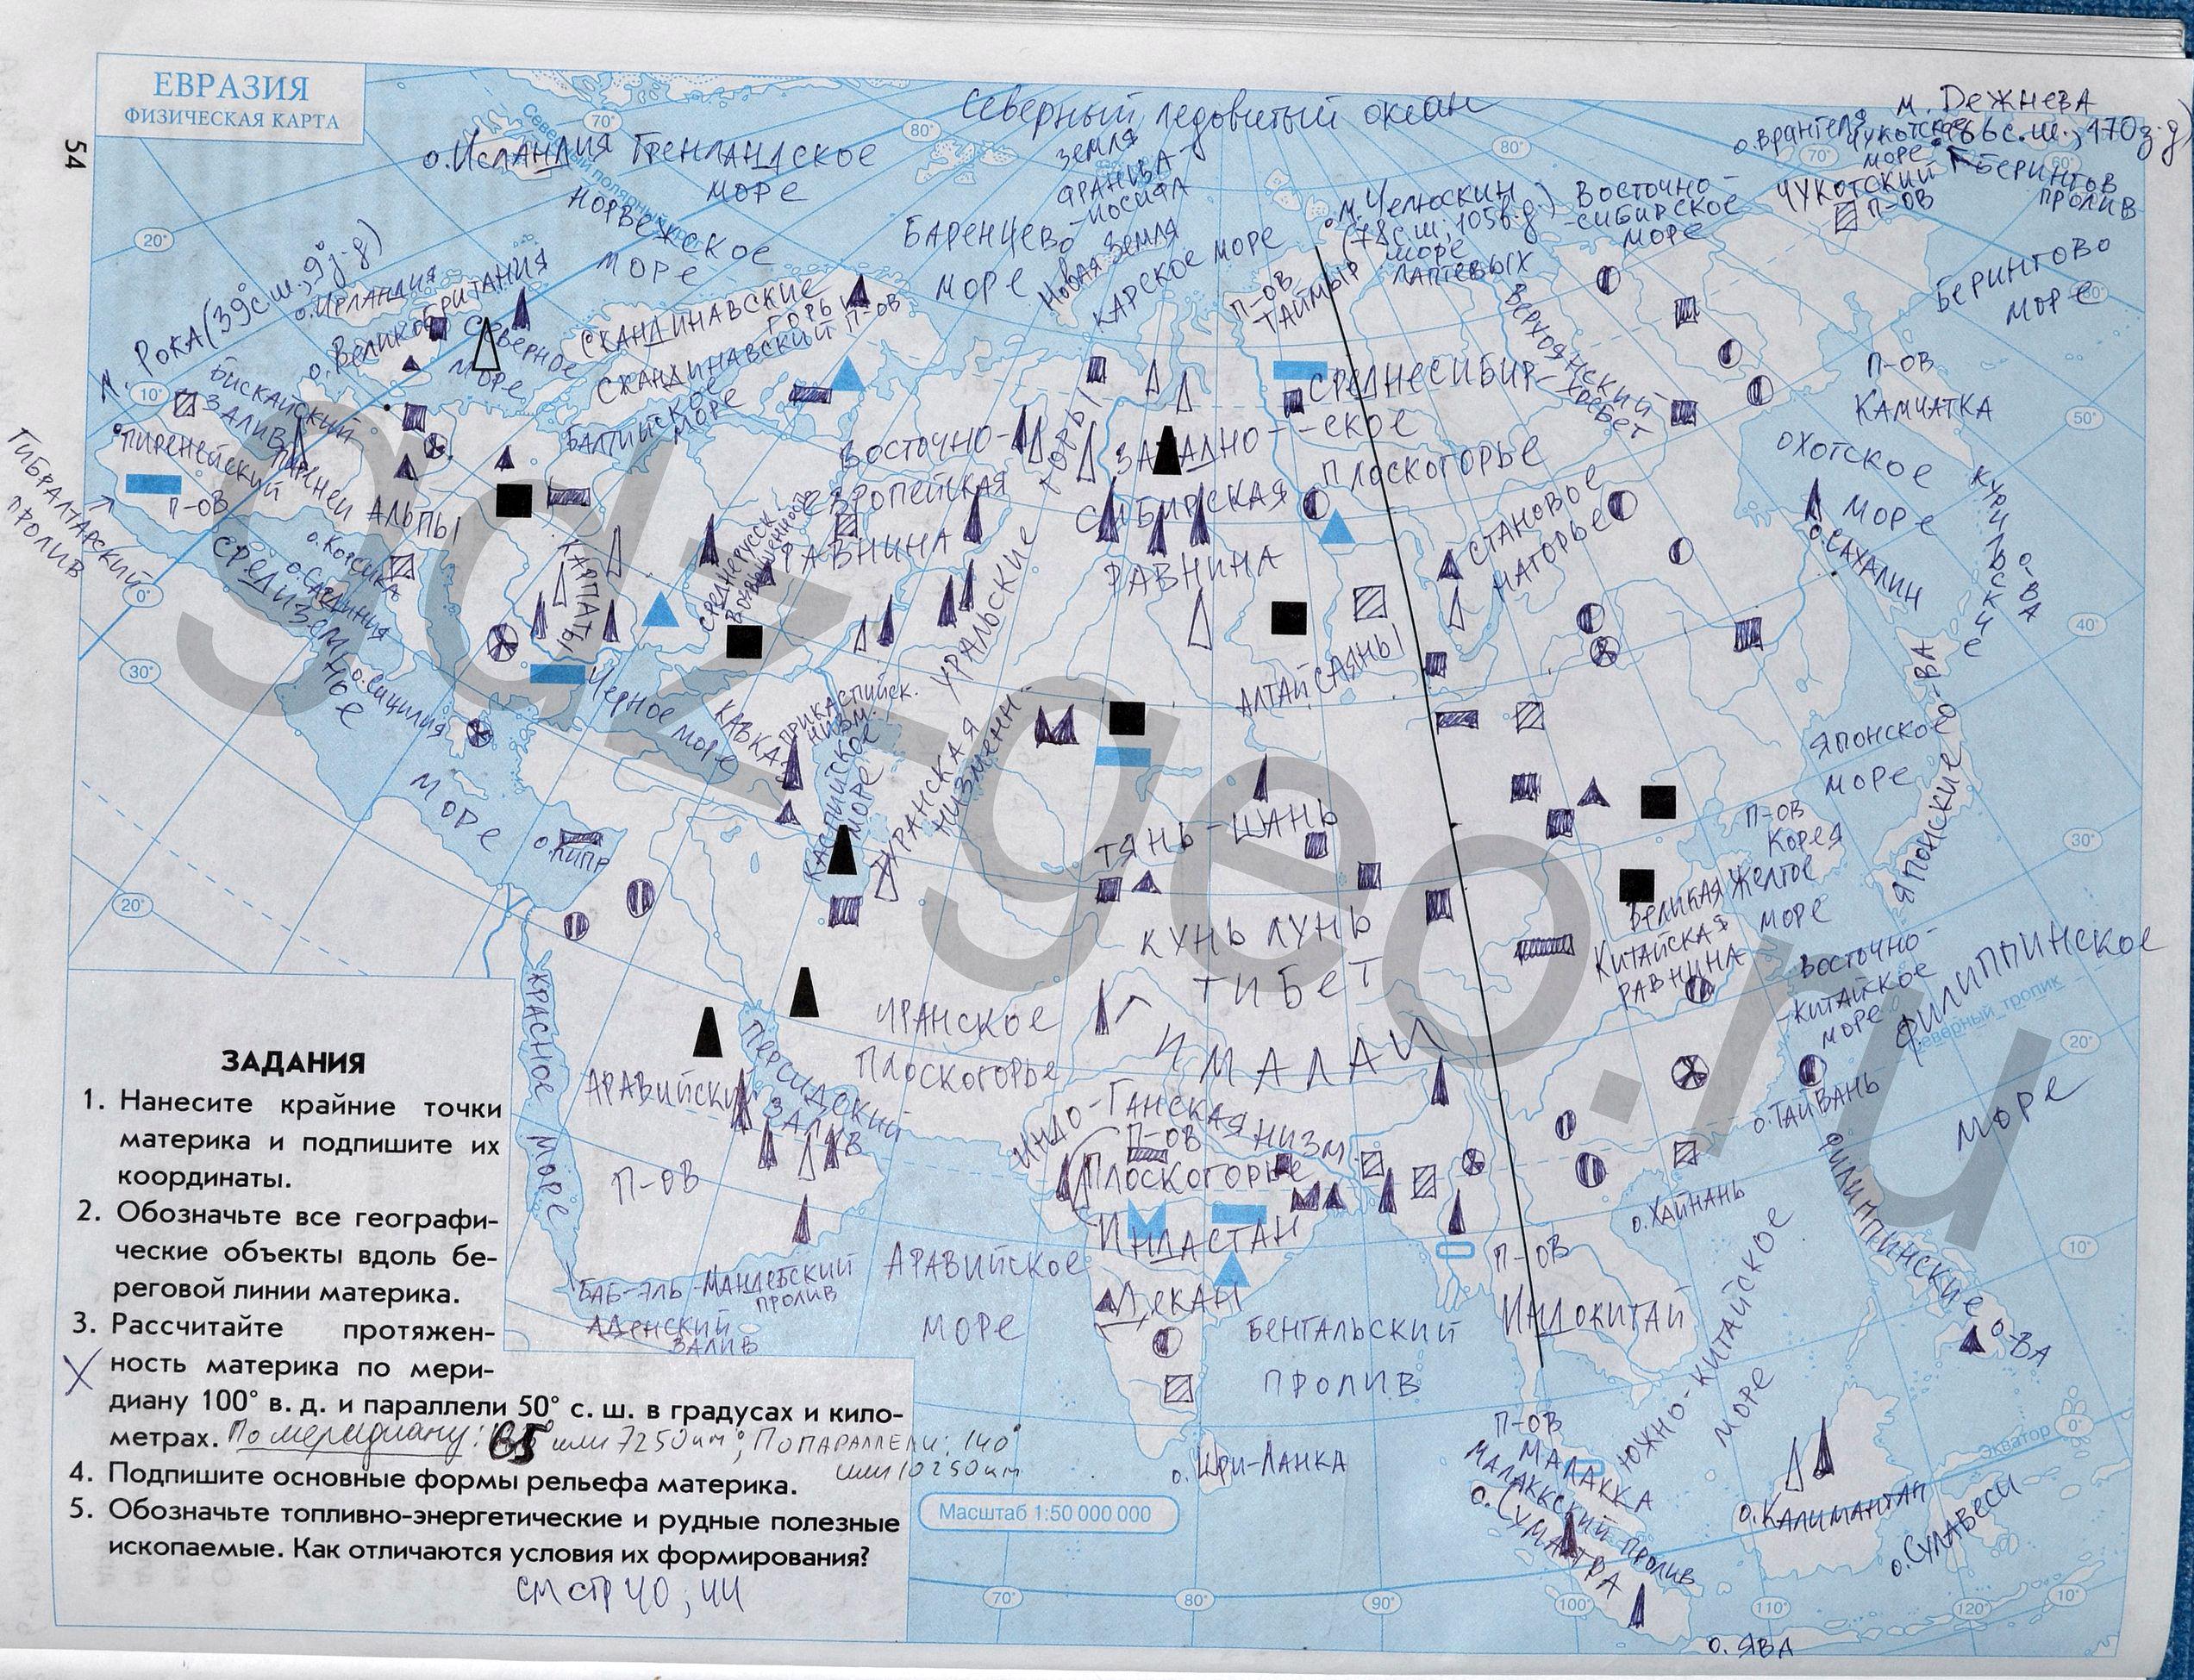 По карта физическая гдз евразия географии класс карта 7 контурная